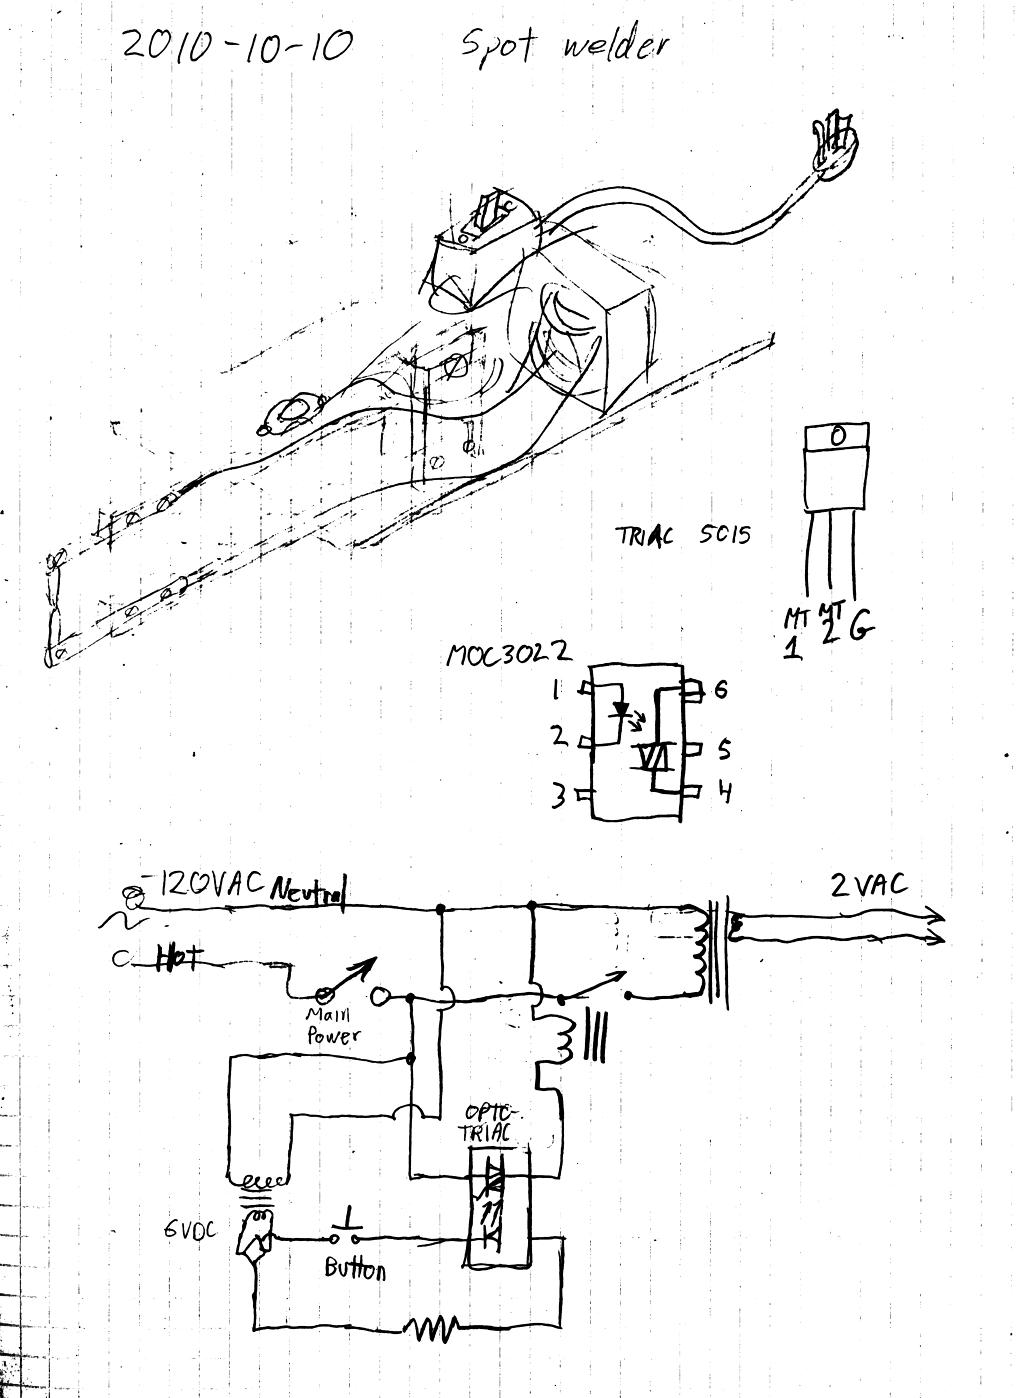 spot_welder_schematic